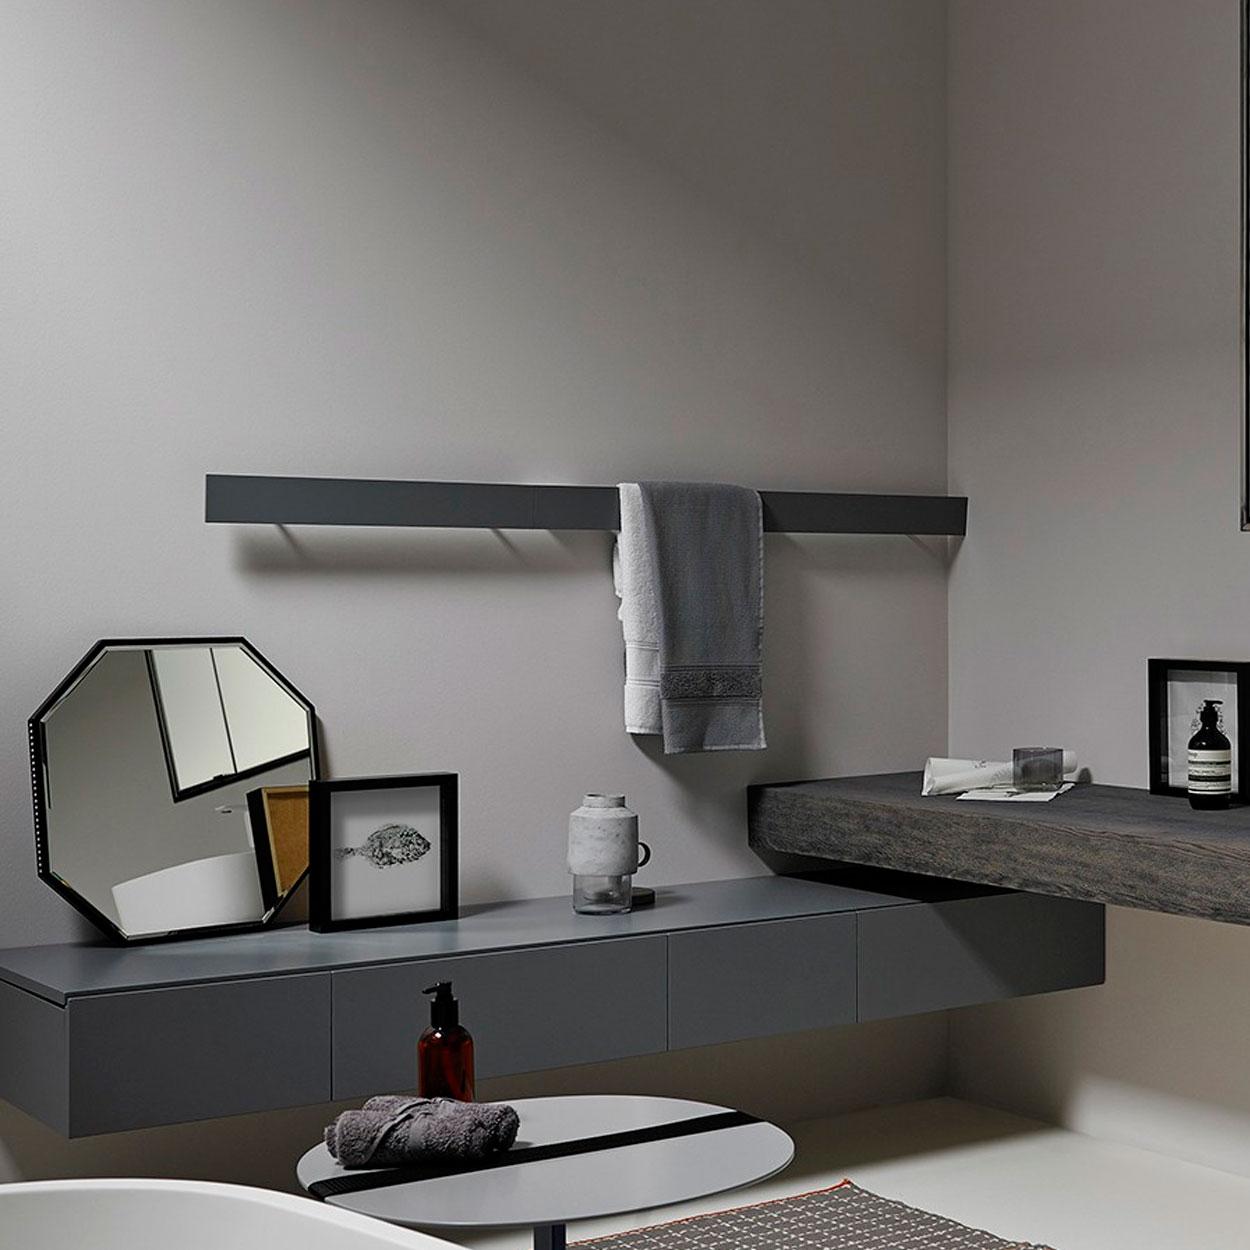 Mueble de baño Inbani towel Rack